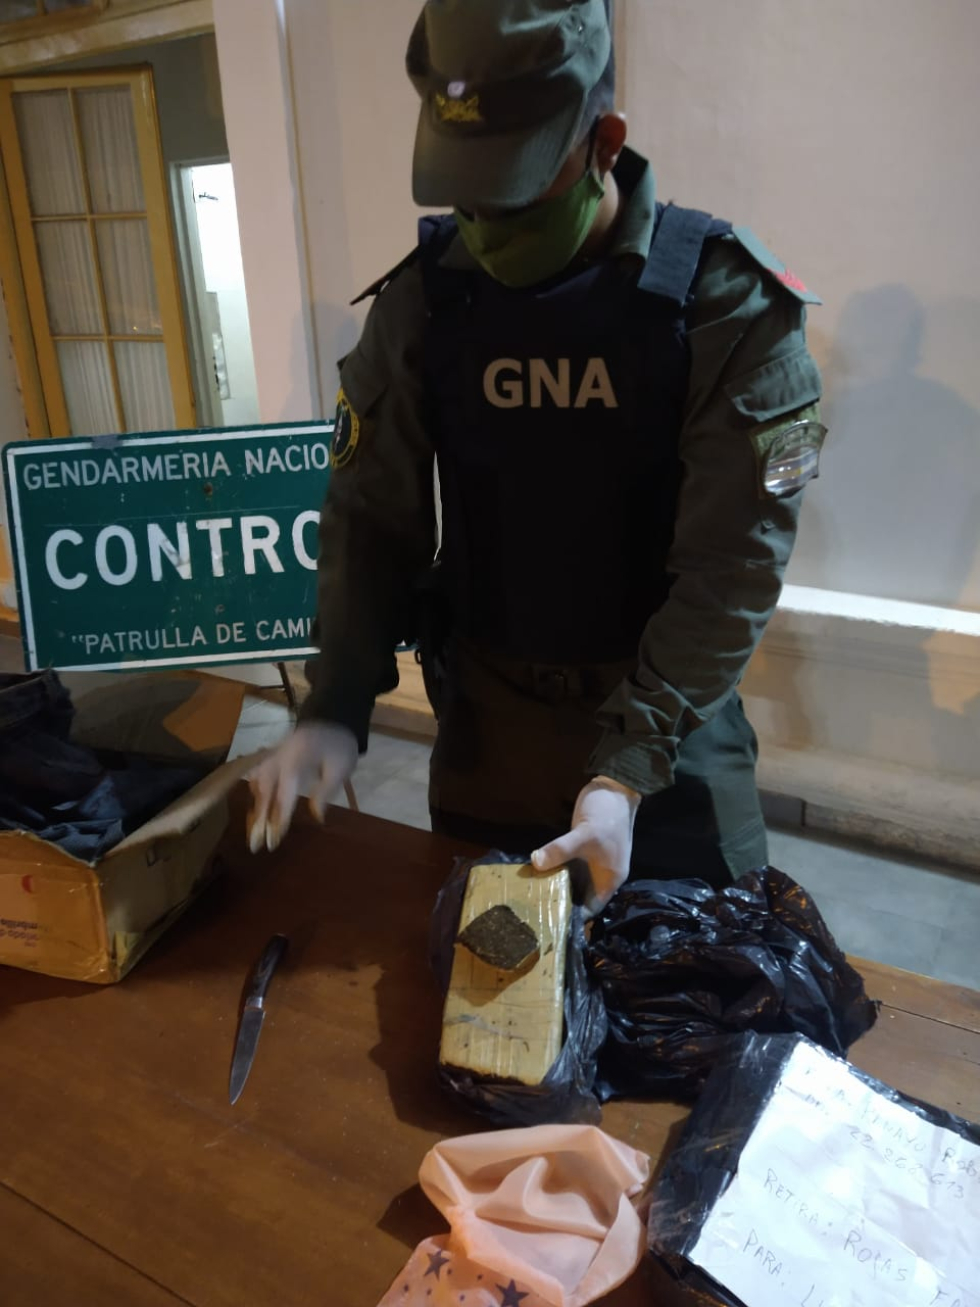 Gendarmería encomienda 23 feb 2021 en Vera detenido Mendoza